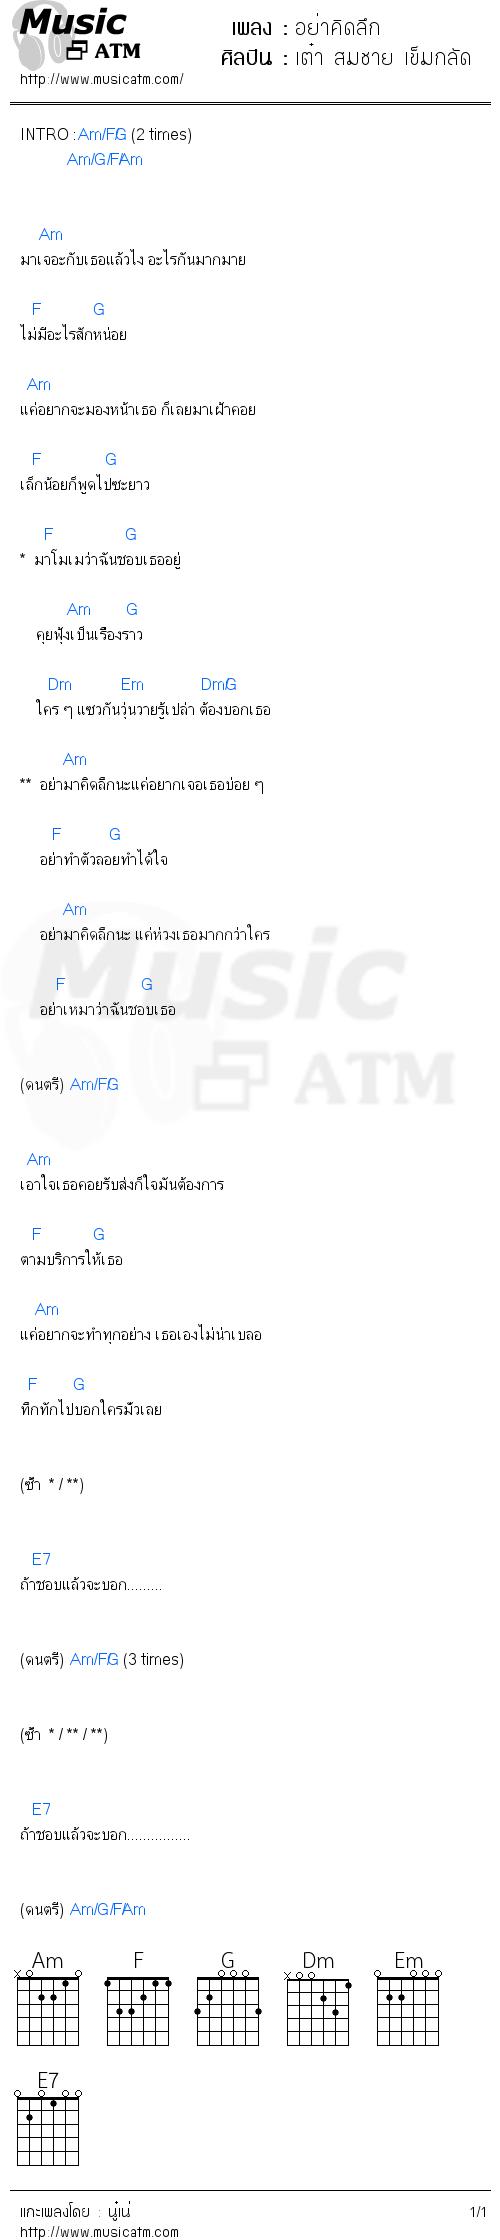 คอร์ดเพลง อย่าคิดลึก - เต๋า สมชาย เข็มกลัด   คอร์ดเพลงใหม่